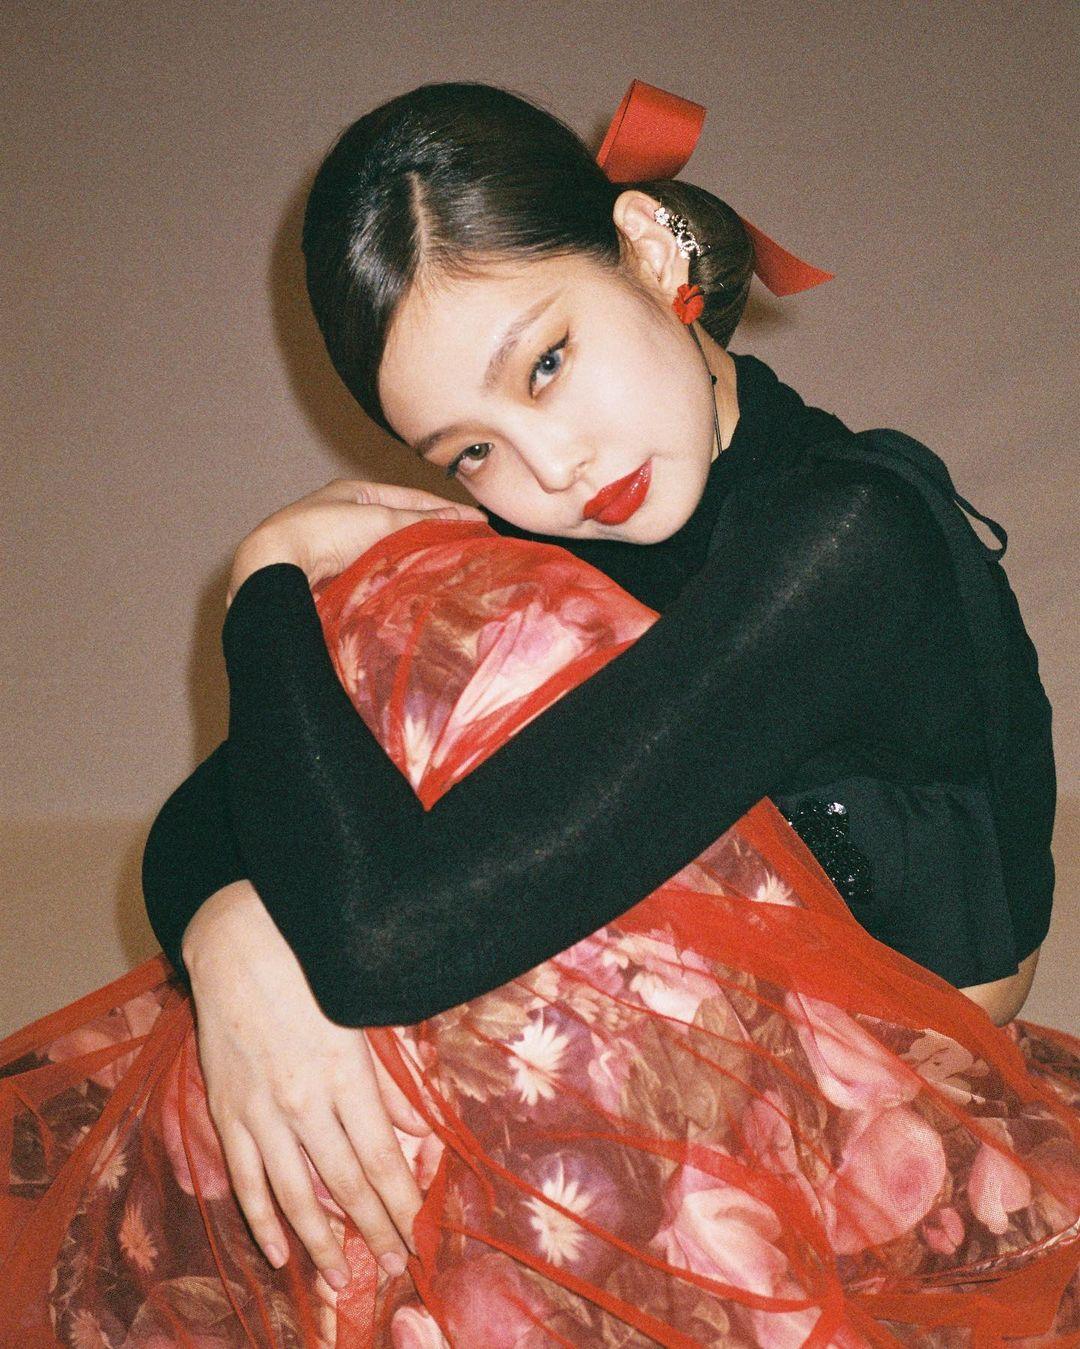 Dù trang điểm môi đậm theo phong cách cổ điển, nữ idol vẫn không bị cộng tuổi mà đẹp như cô tiểu thư quý tộc.